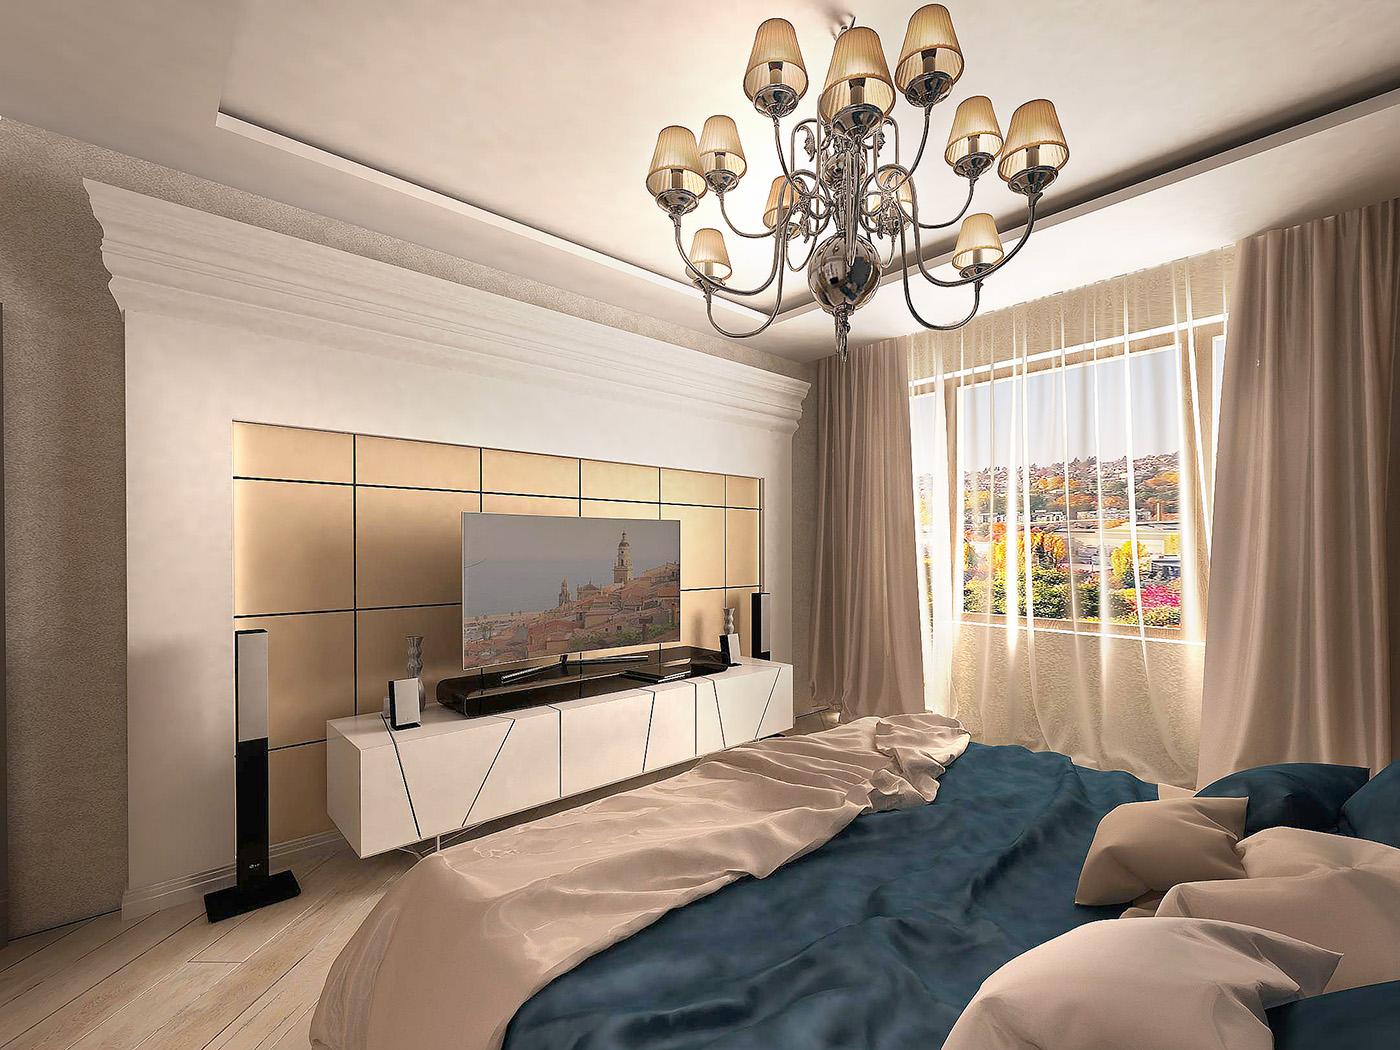 дизайн интерьера спальниi